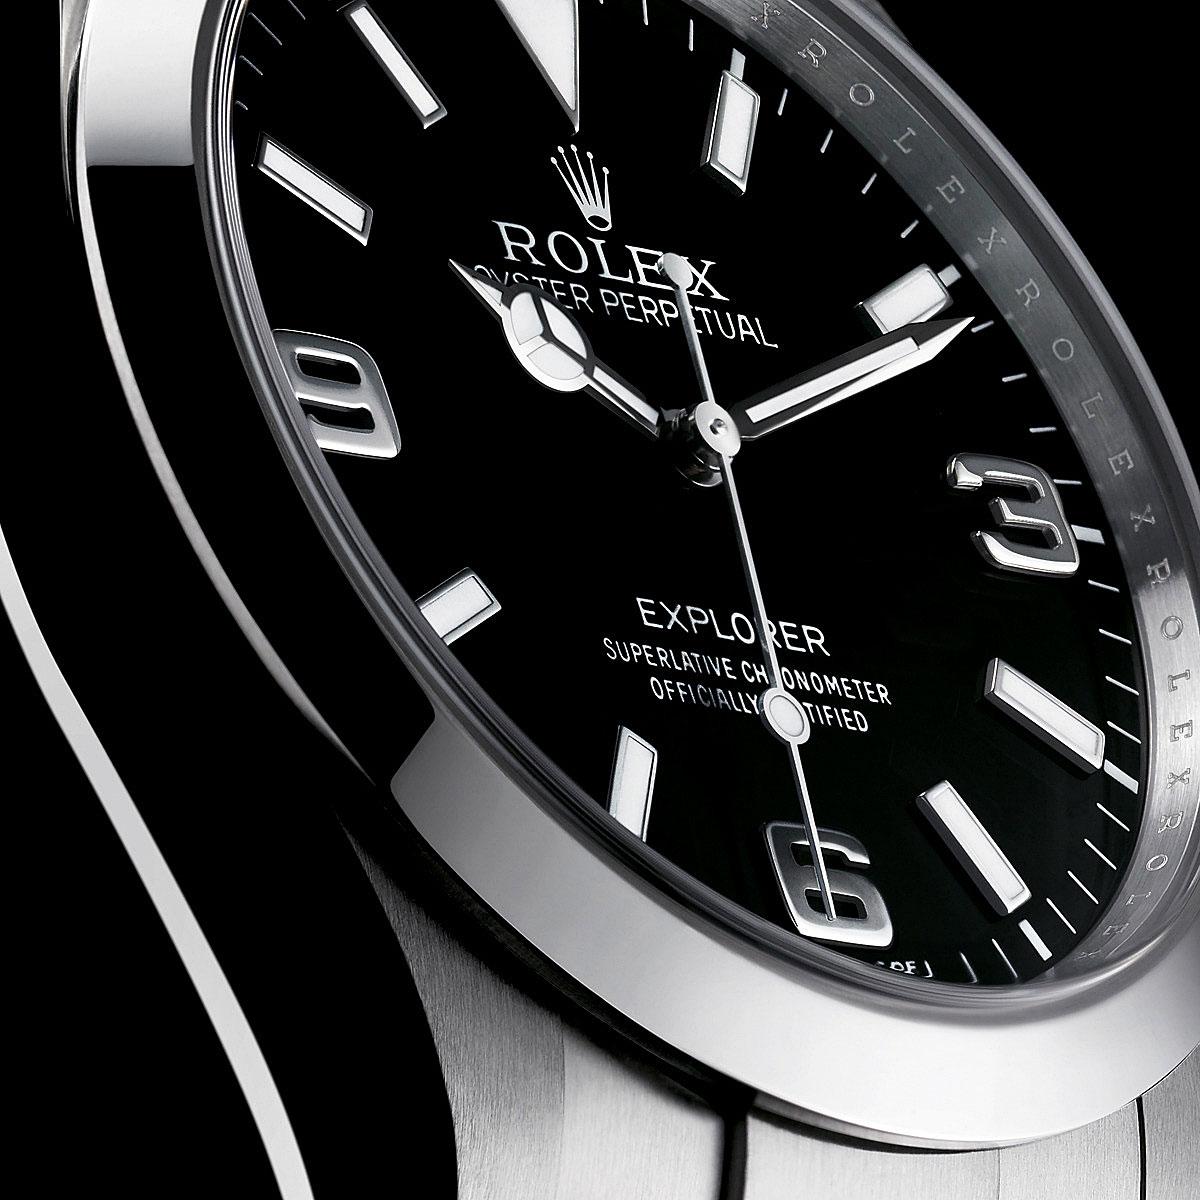 Popular Rolex Wallpaper - Rolex_Explorer_Watch_HD_Desktop_Wallpaper-HidefWall Trends_40774.jpg